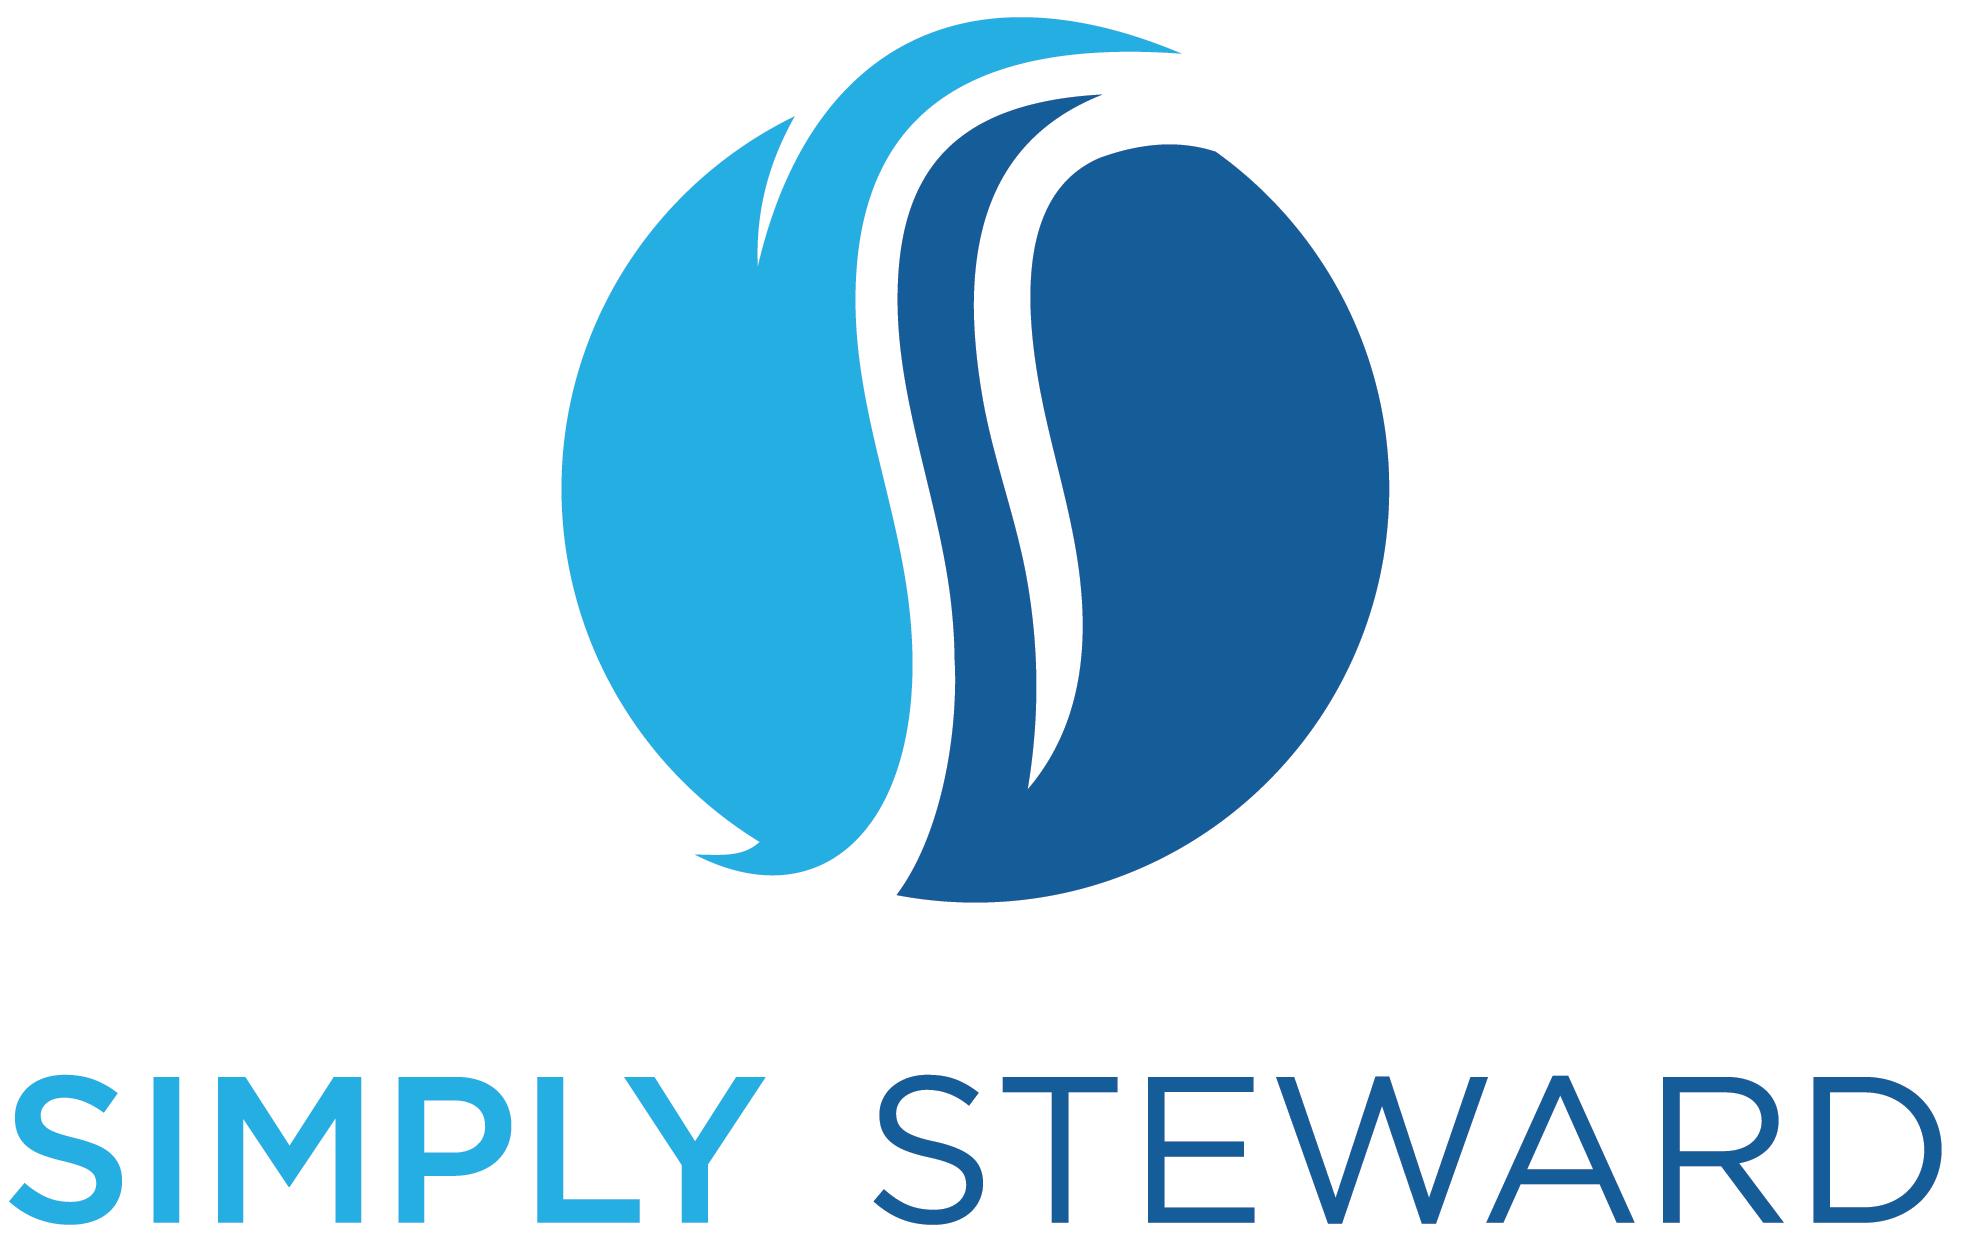 Simply Steward